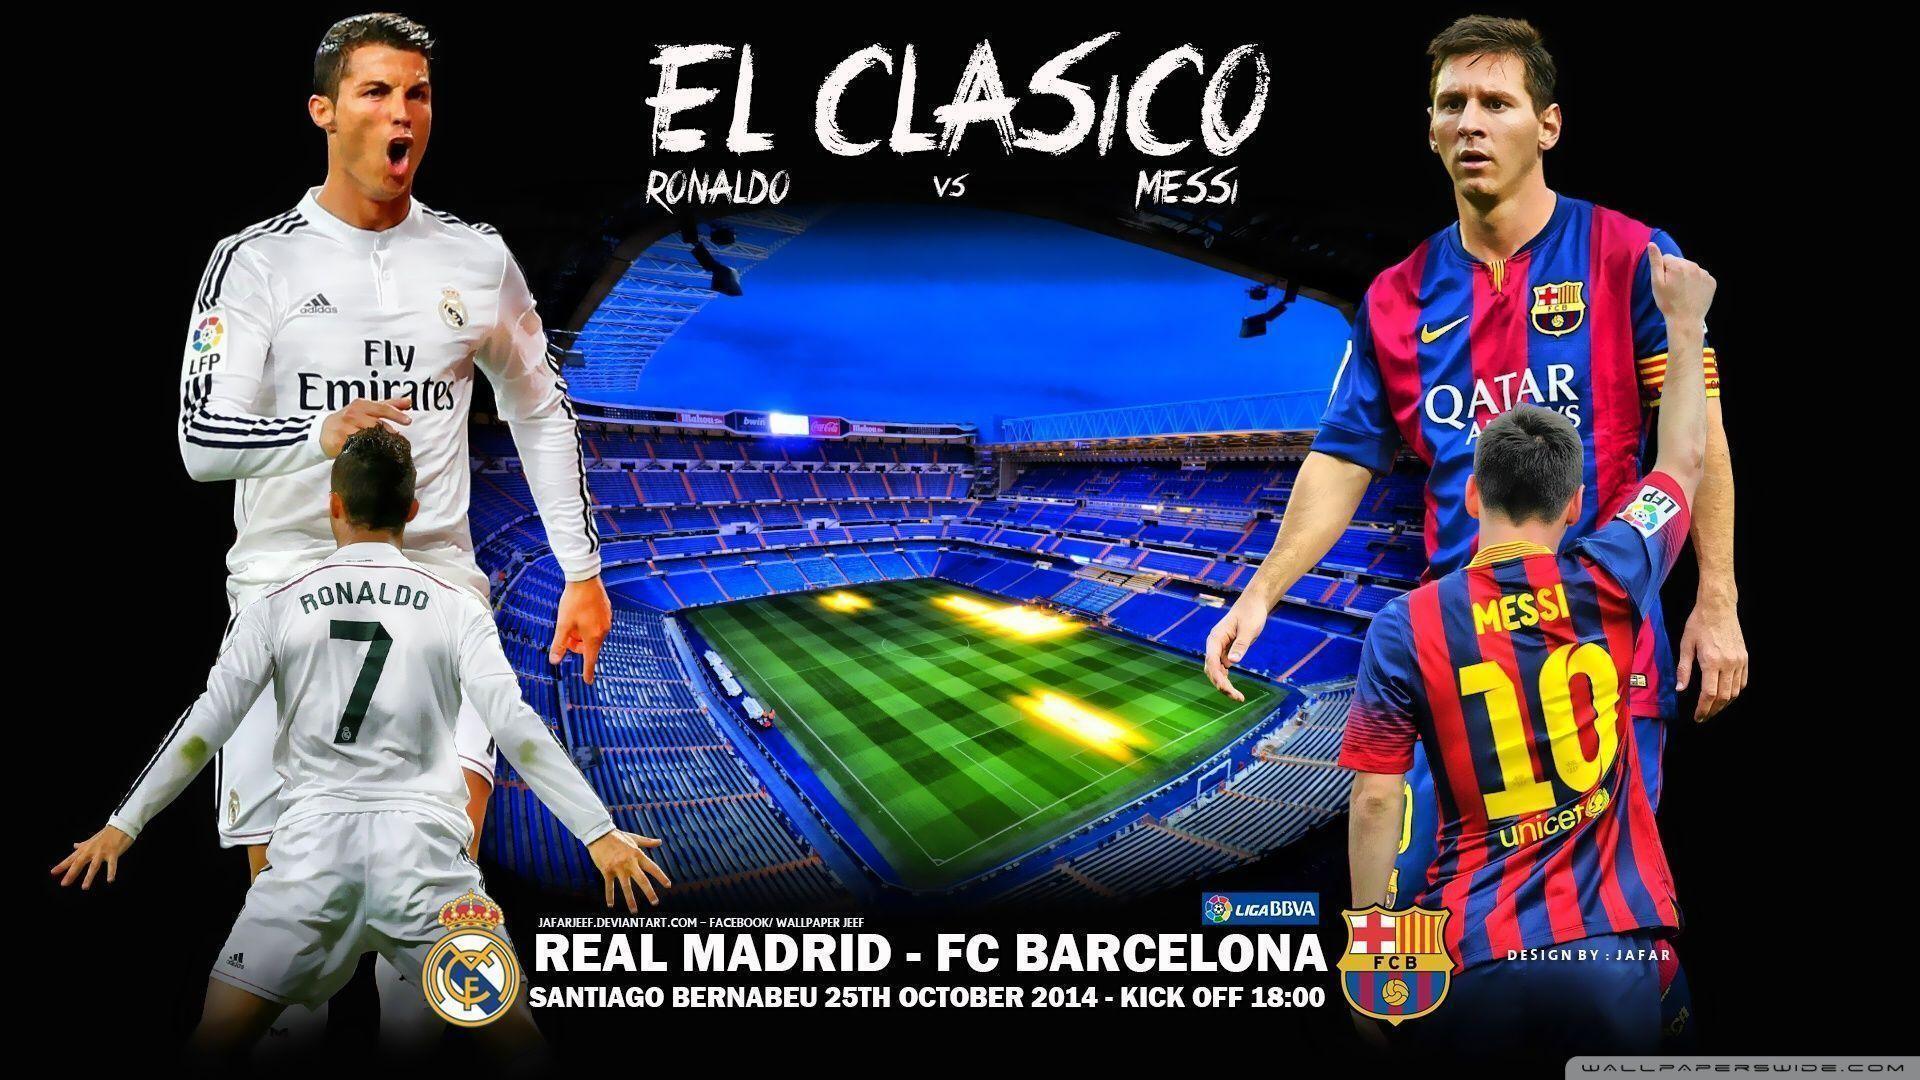 Cristiano Ronaldo vs Lionel Messi 2018 Wallpaper 70 images 1920x1080